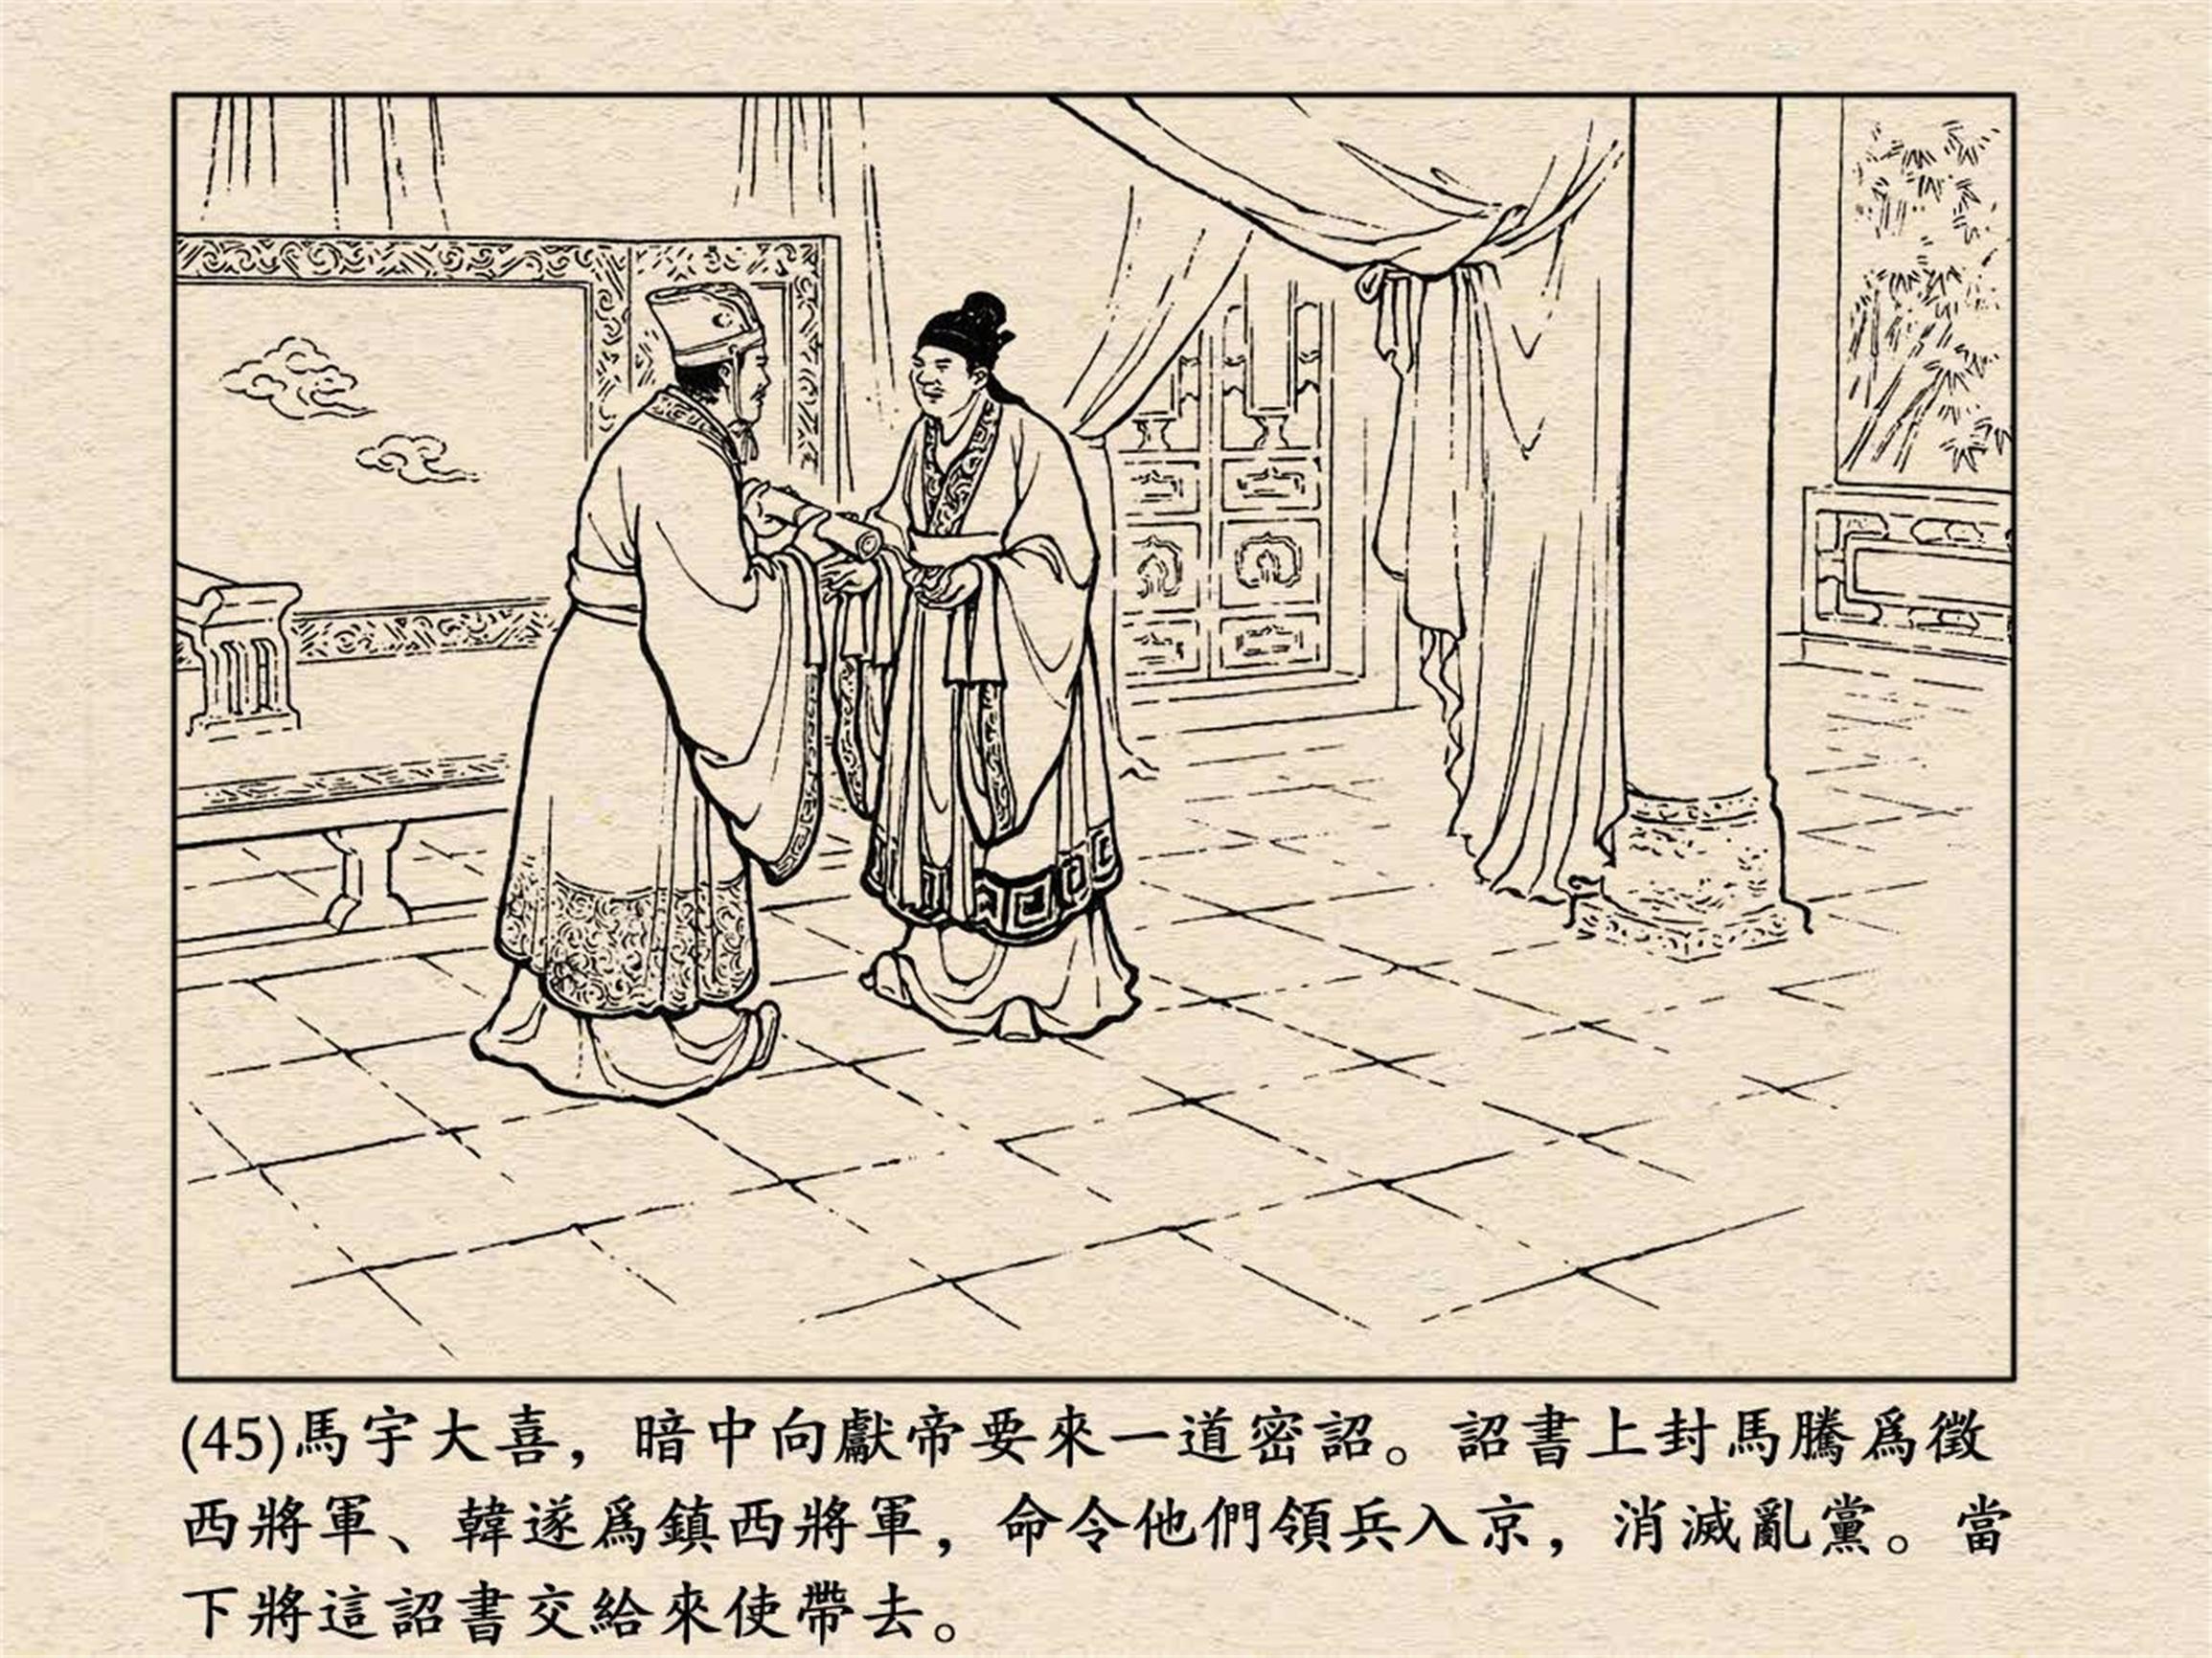 [连环画] 三国演义7:犯长安 (赵三岛 绘)